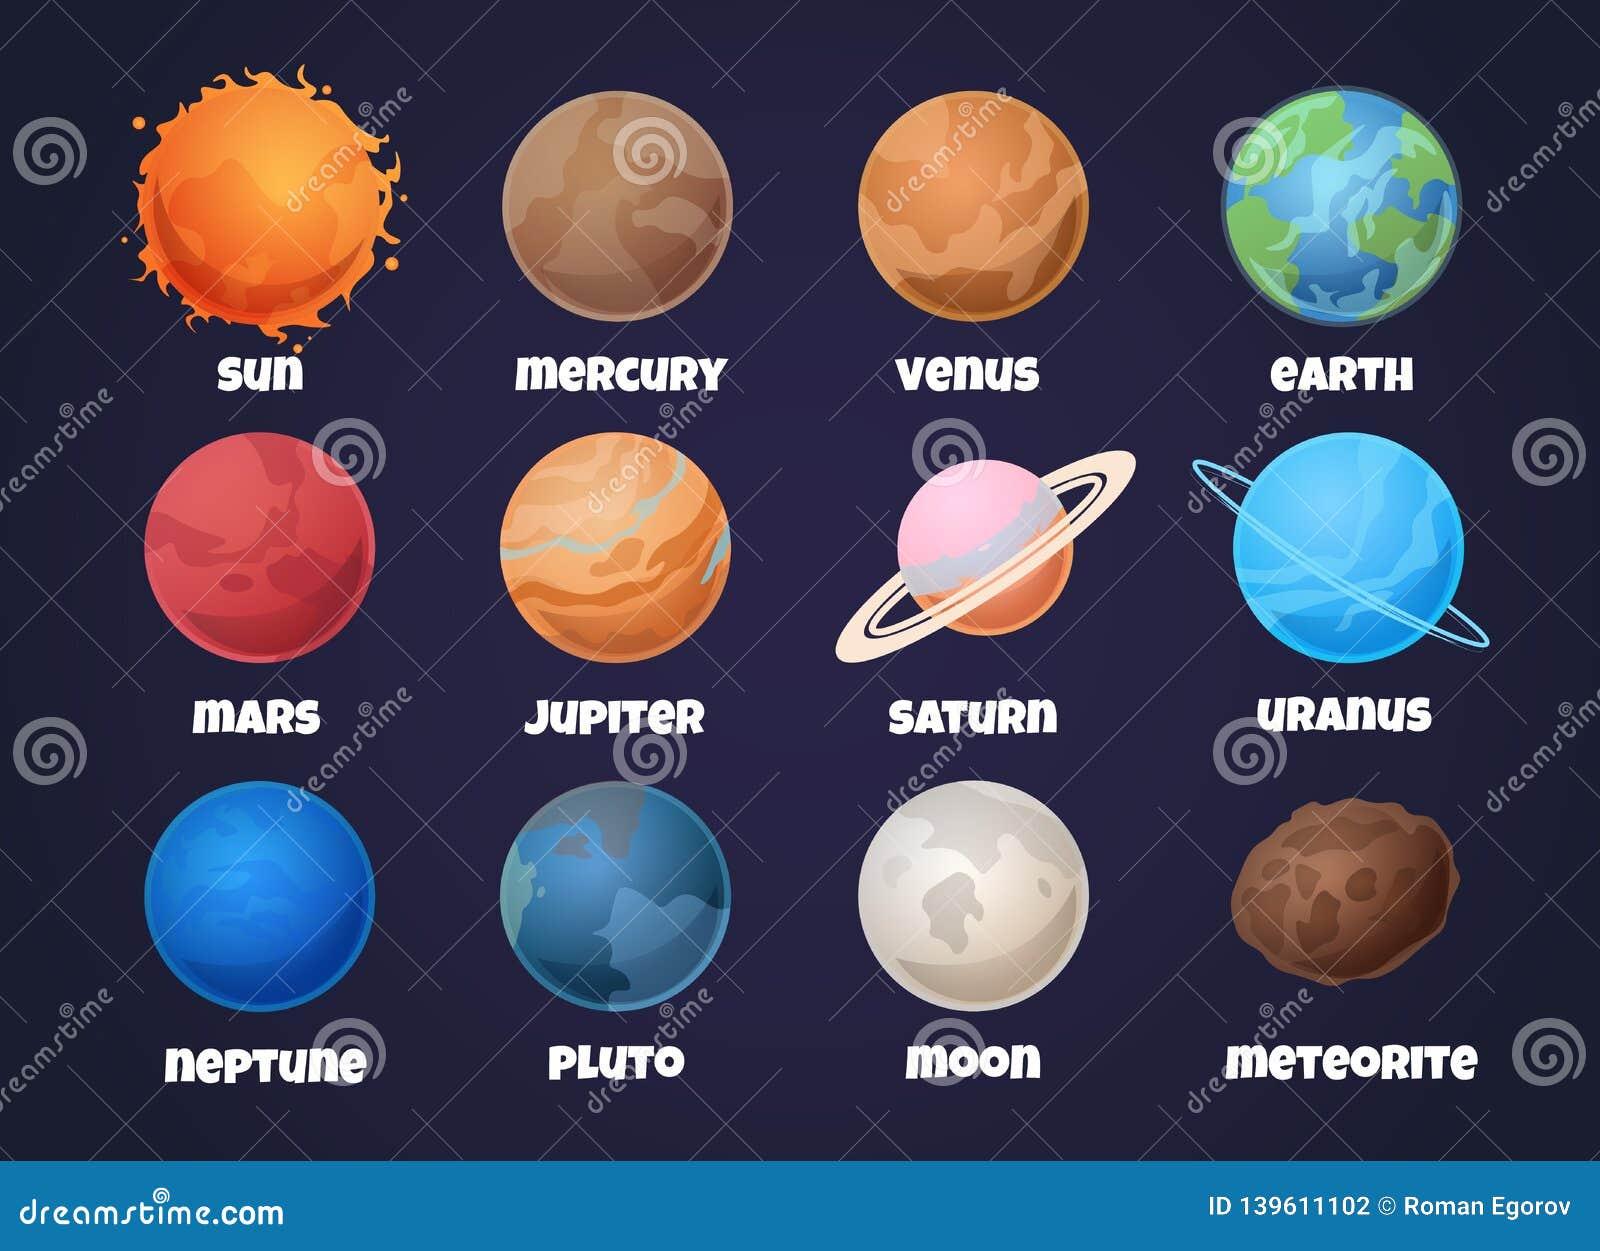 Планеты солнечной системы Ртуть и Венера мультфильма, зарывают и повреждают, Юпитер и Сатурн, Уран и Нептун astrix